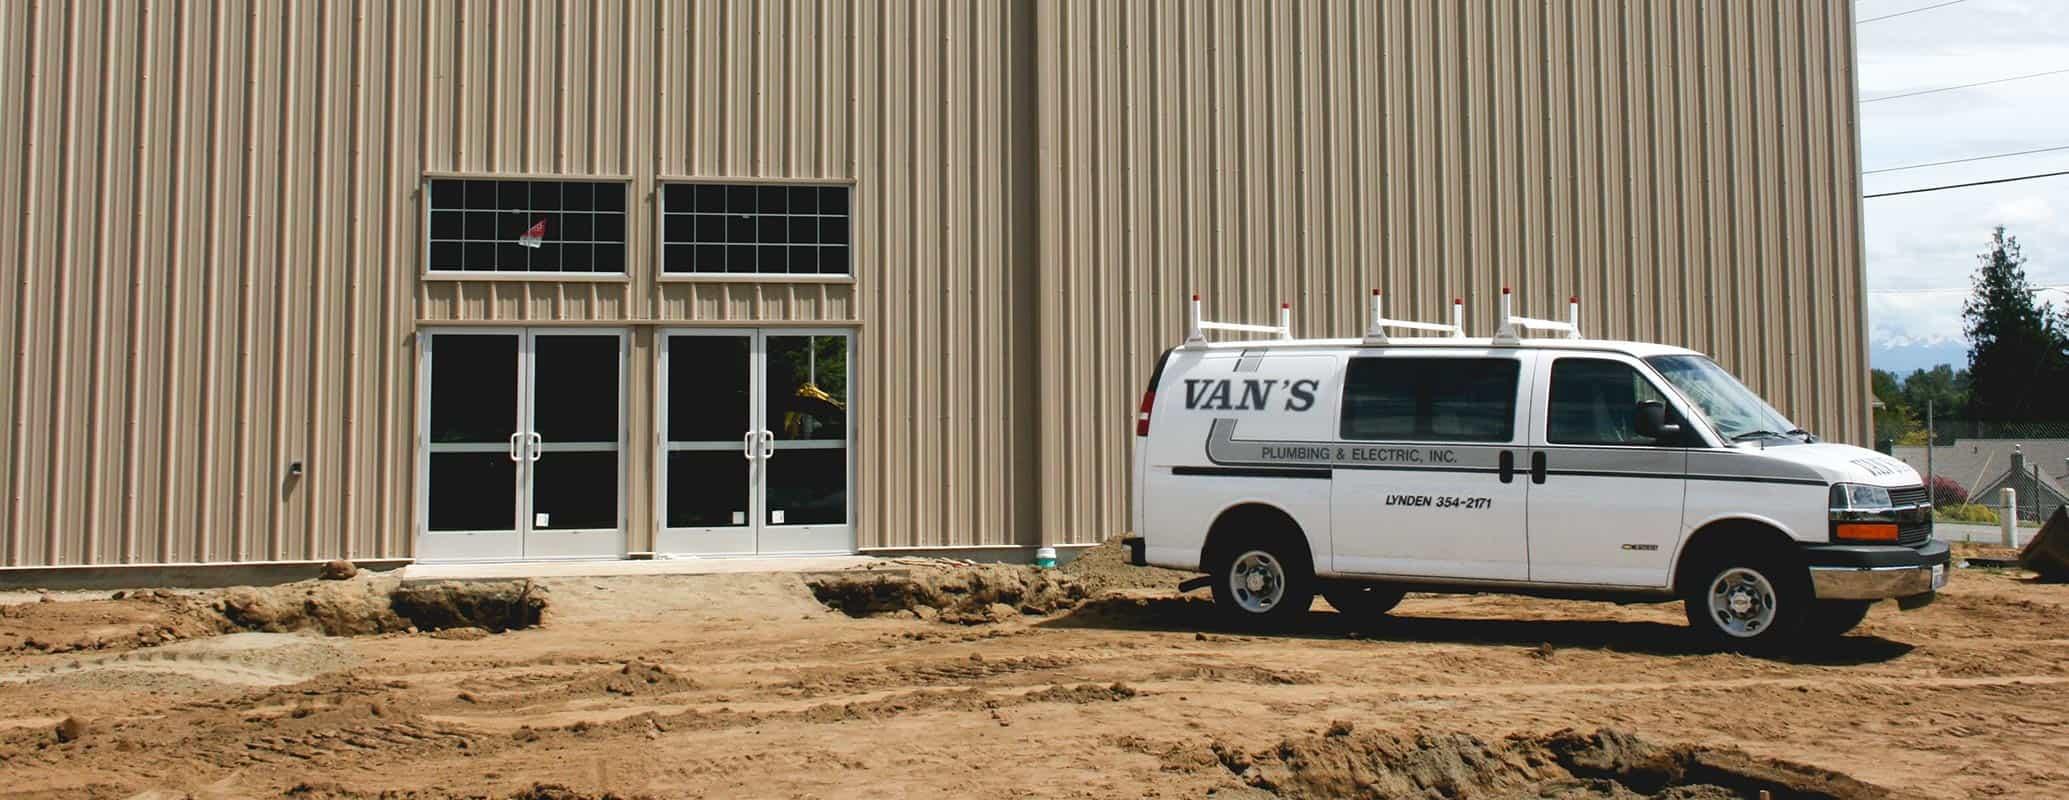 Van's Plumbing & Electric Van on Commercial Job Site